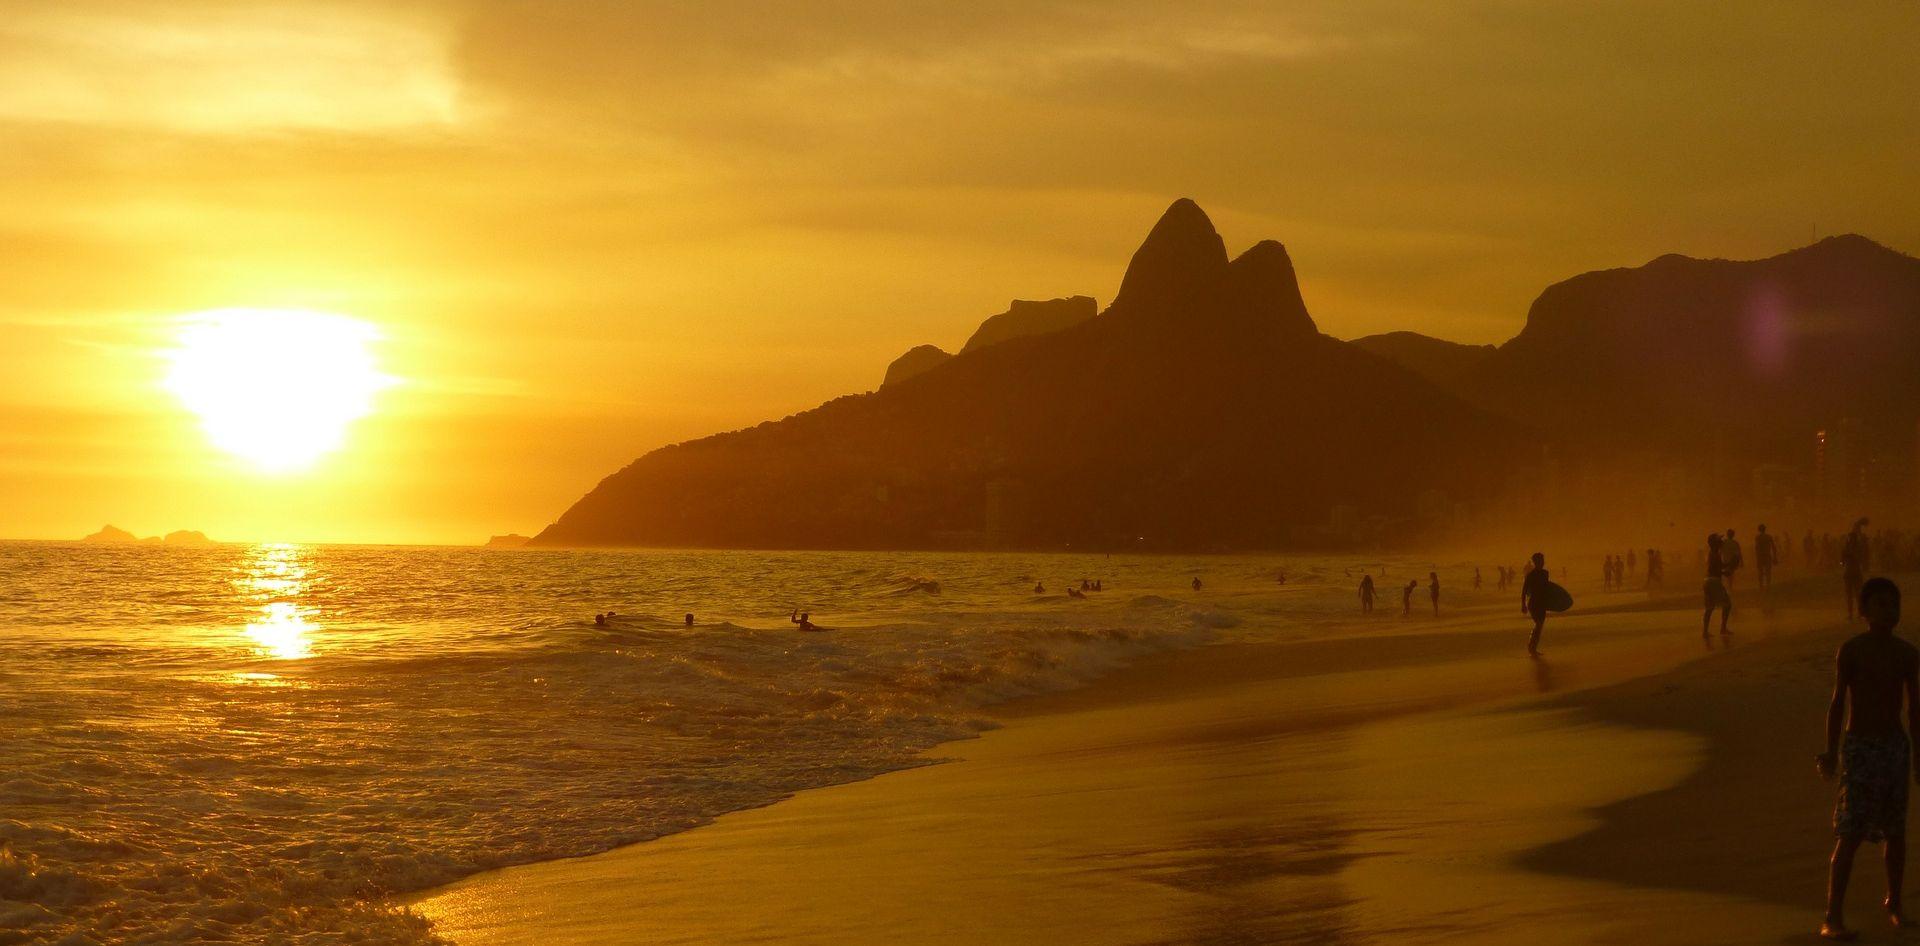 UBOJSTVO U RIO DE JANEIRU Desetorica nasmrt pretukla 33-godišnjaka, uključili se i prolaznici